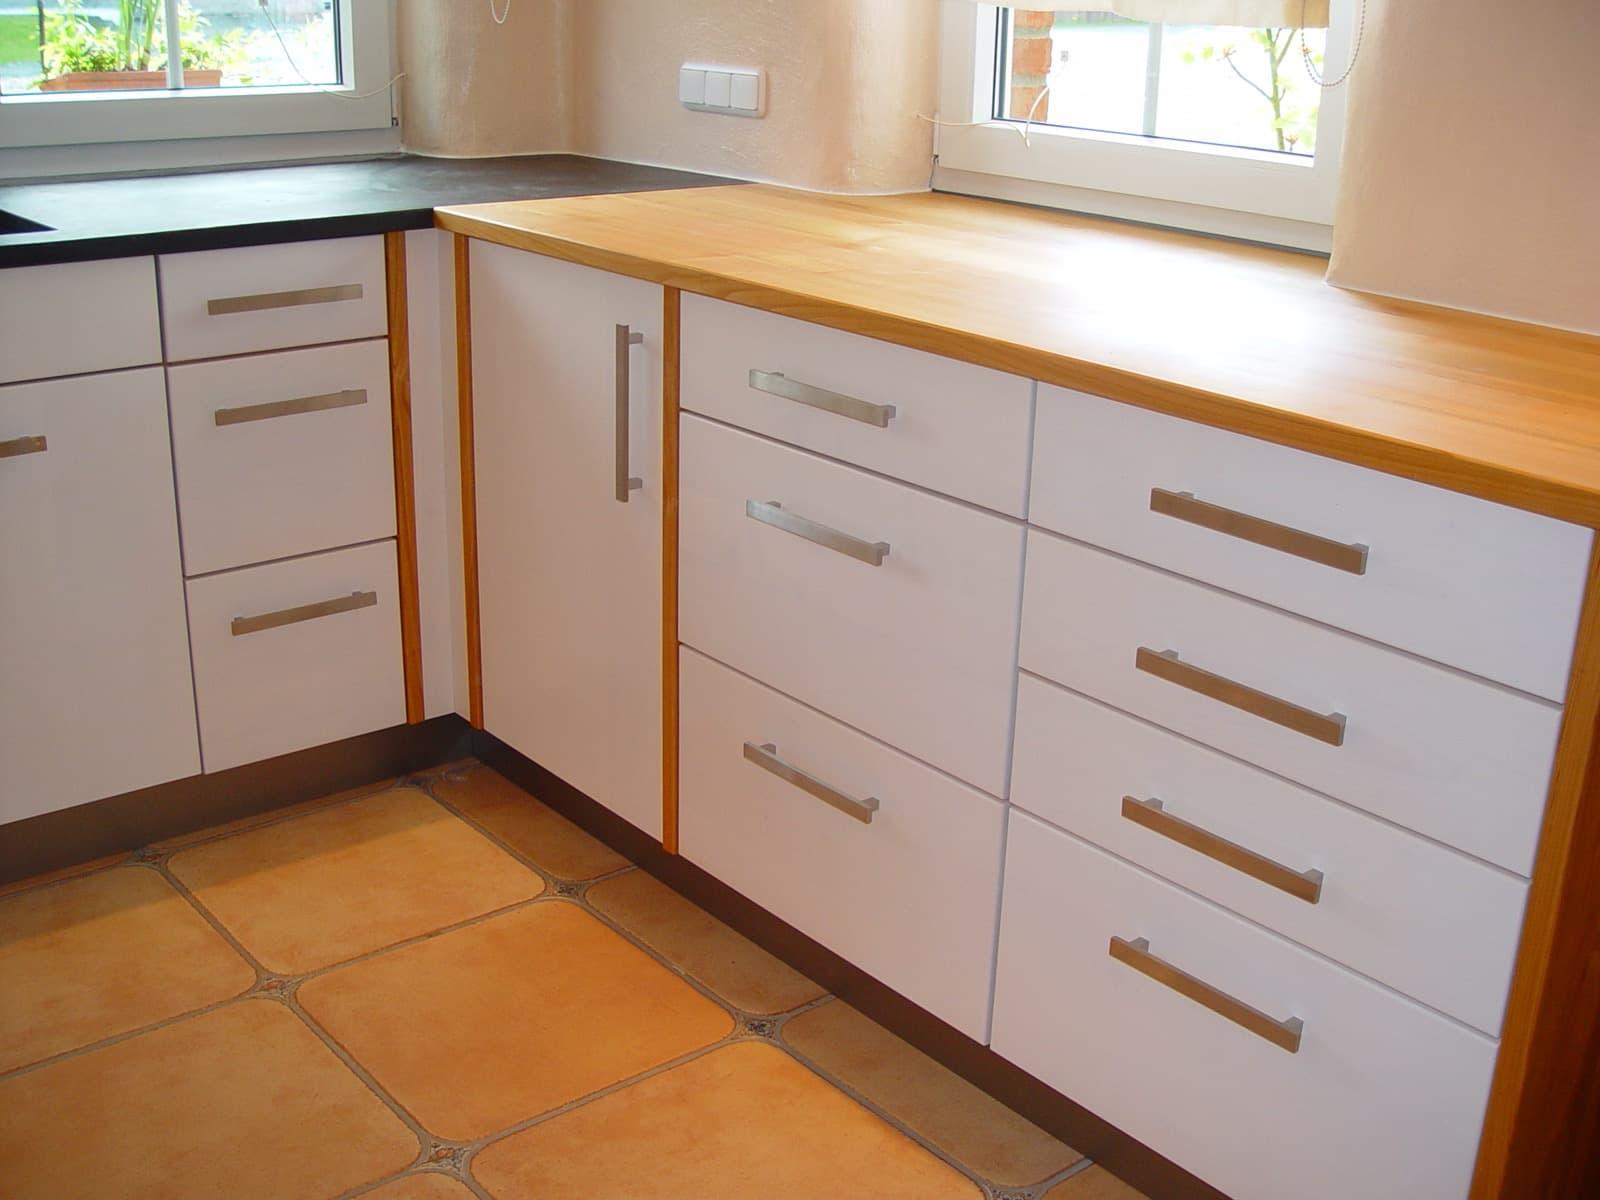 Massivholzküche mit Fronten weiß gebeizt und Arbeitsplatten in Granit / Kirschbaum massiv